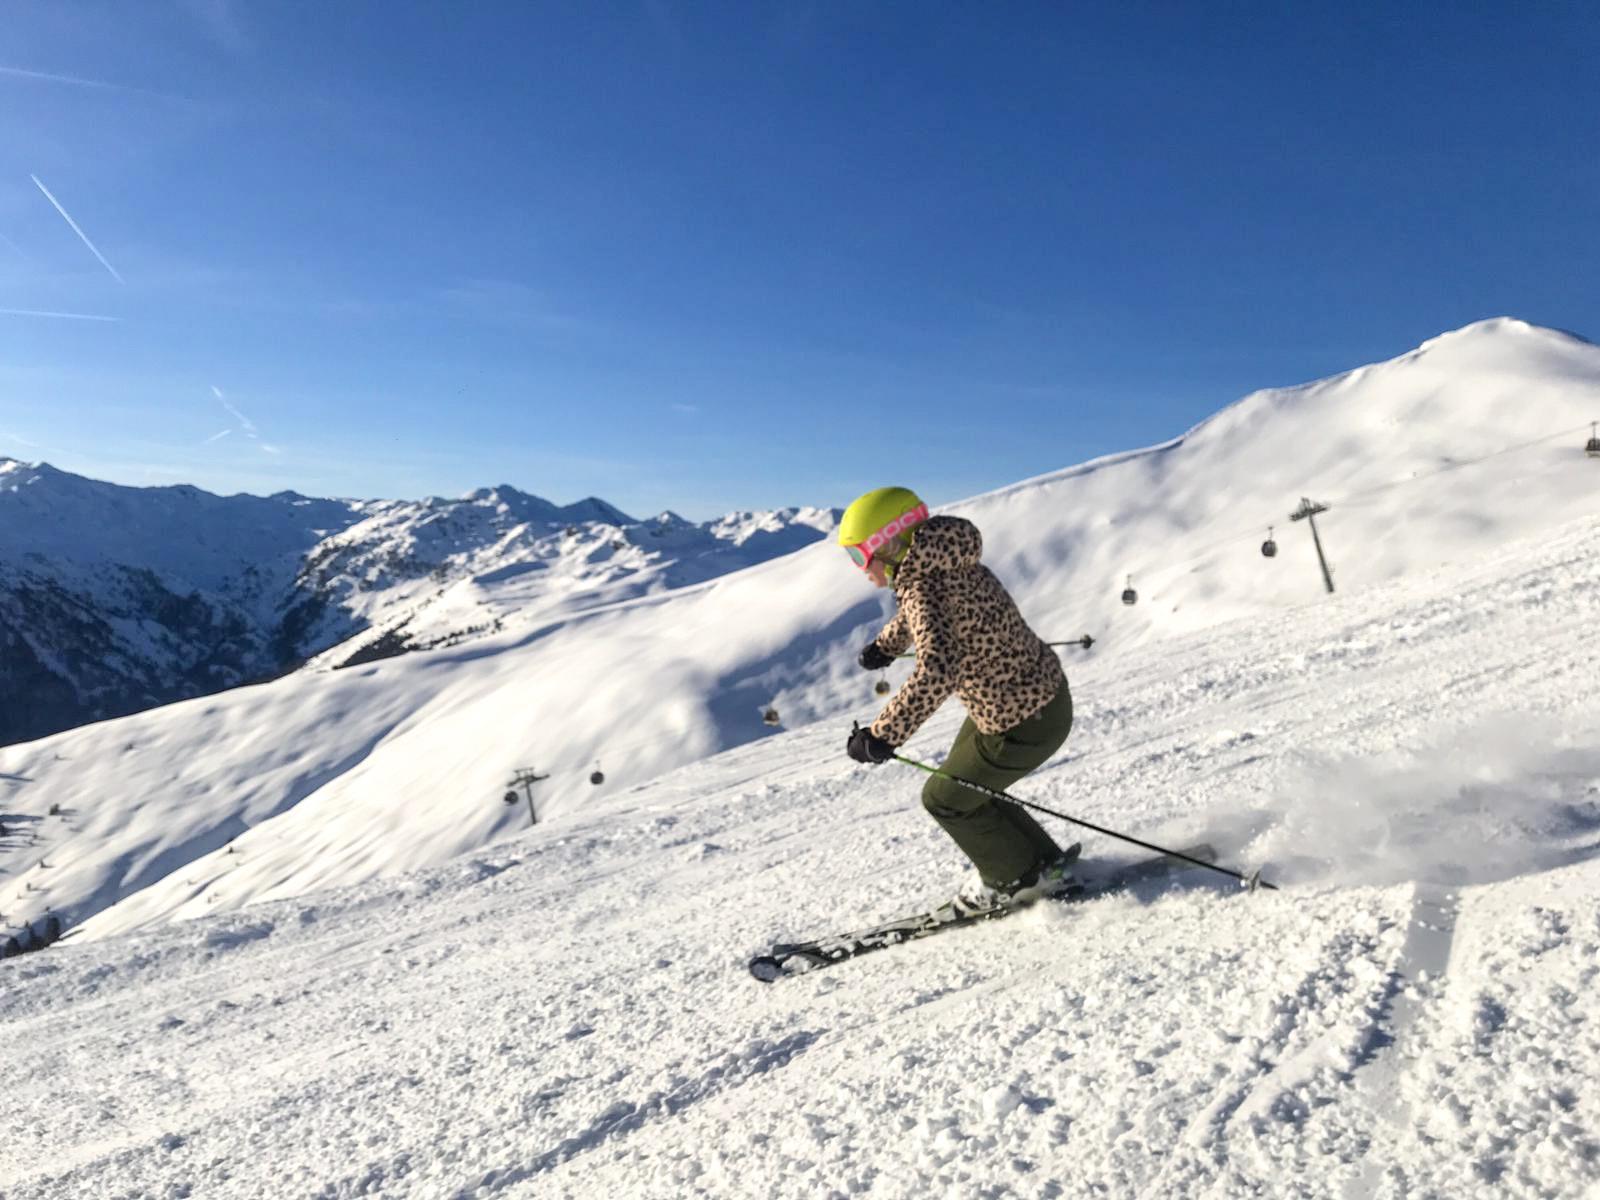 Allmountain ski skiën op de piste